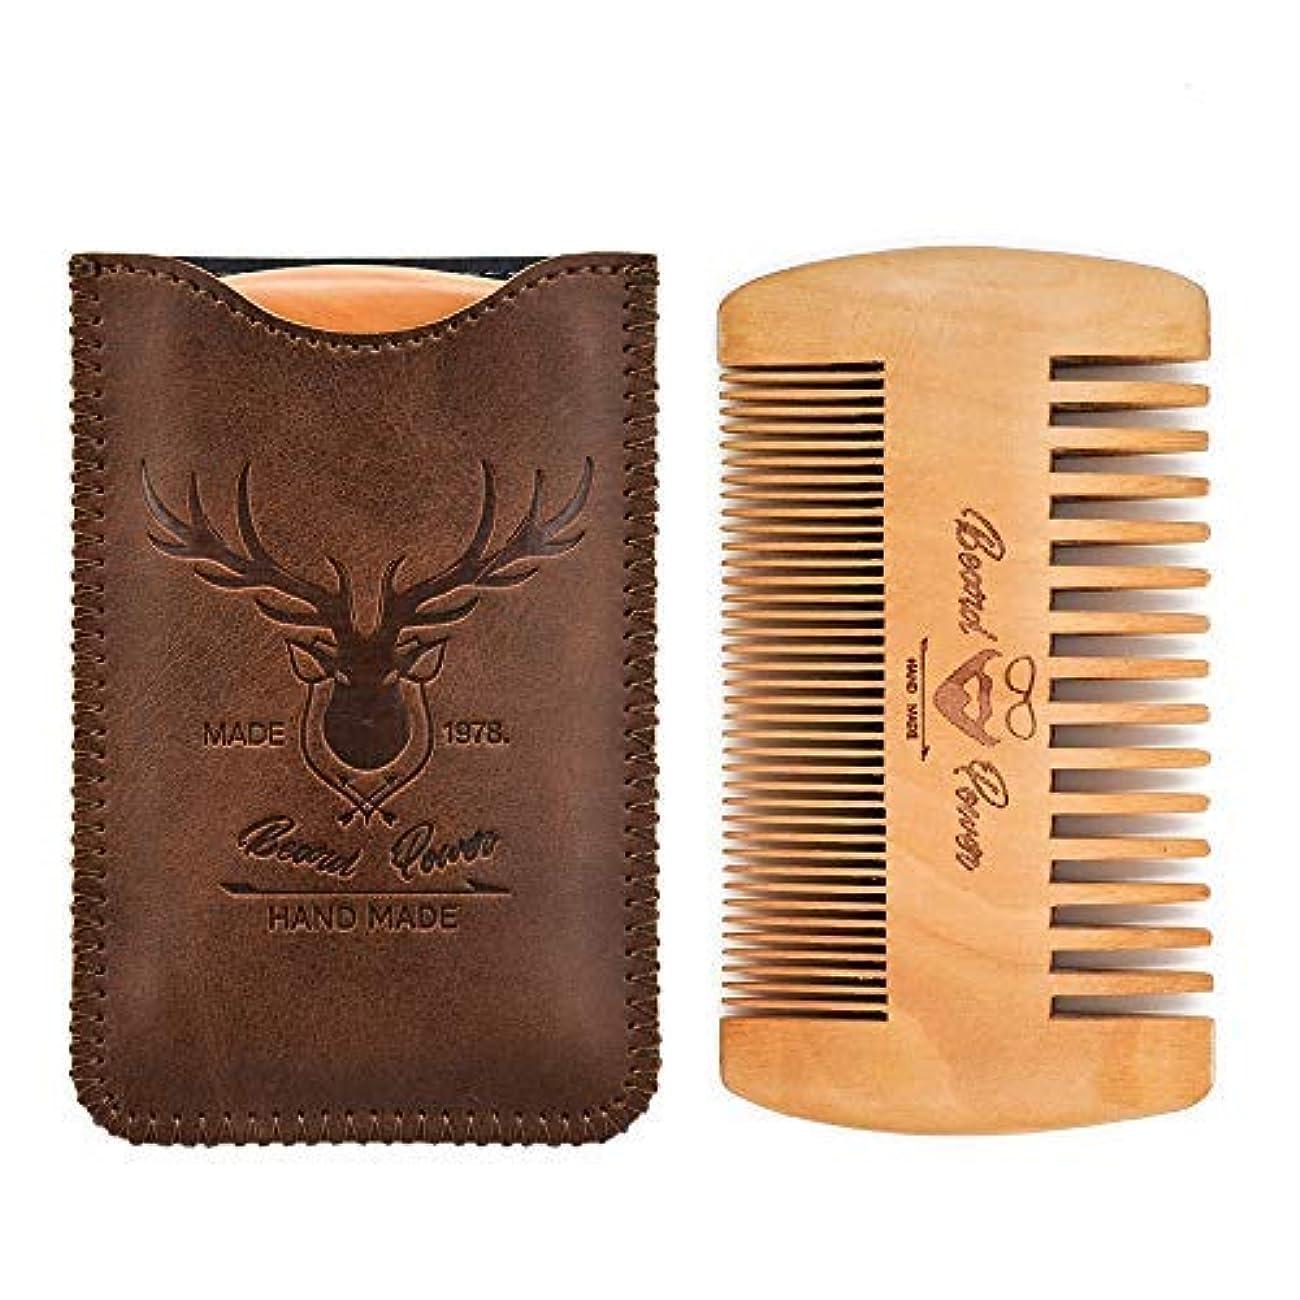 強い結紮抑制2019 Version Wooden Beard Comb & Durable Case for Men with Sexy Beard, Fine & Coarse Teeth, Pocket Comb for Beards...